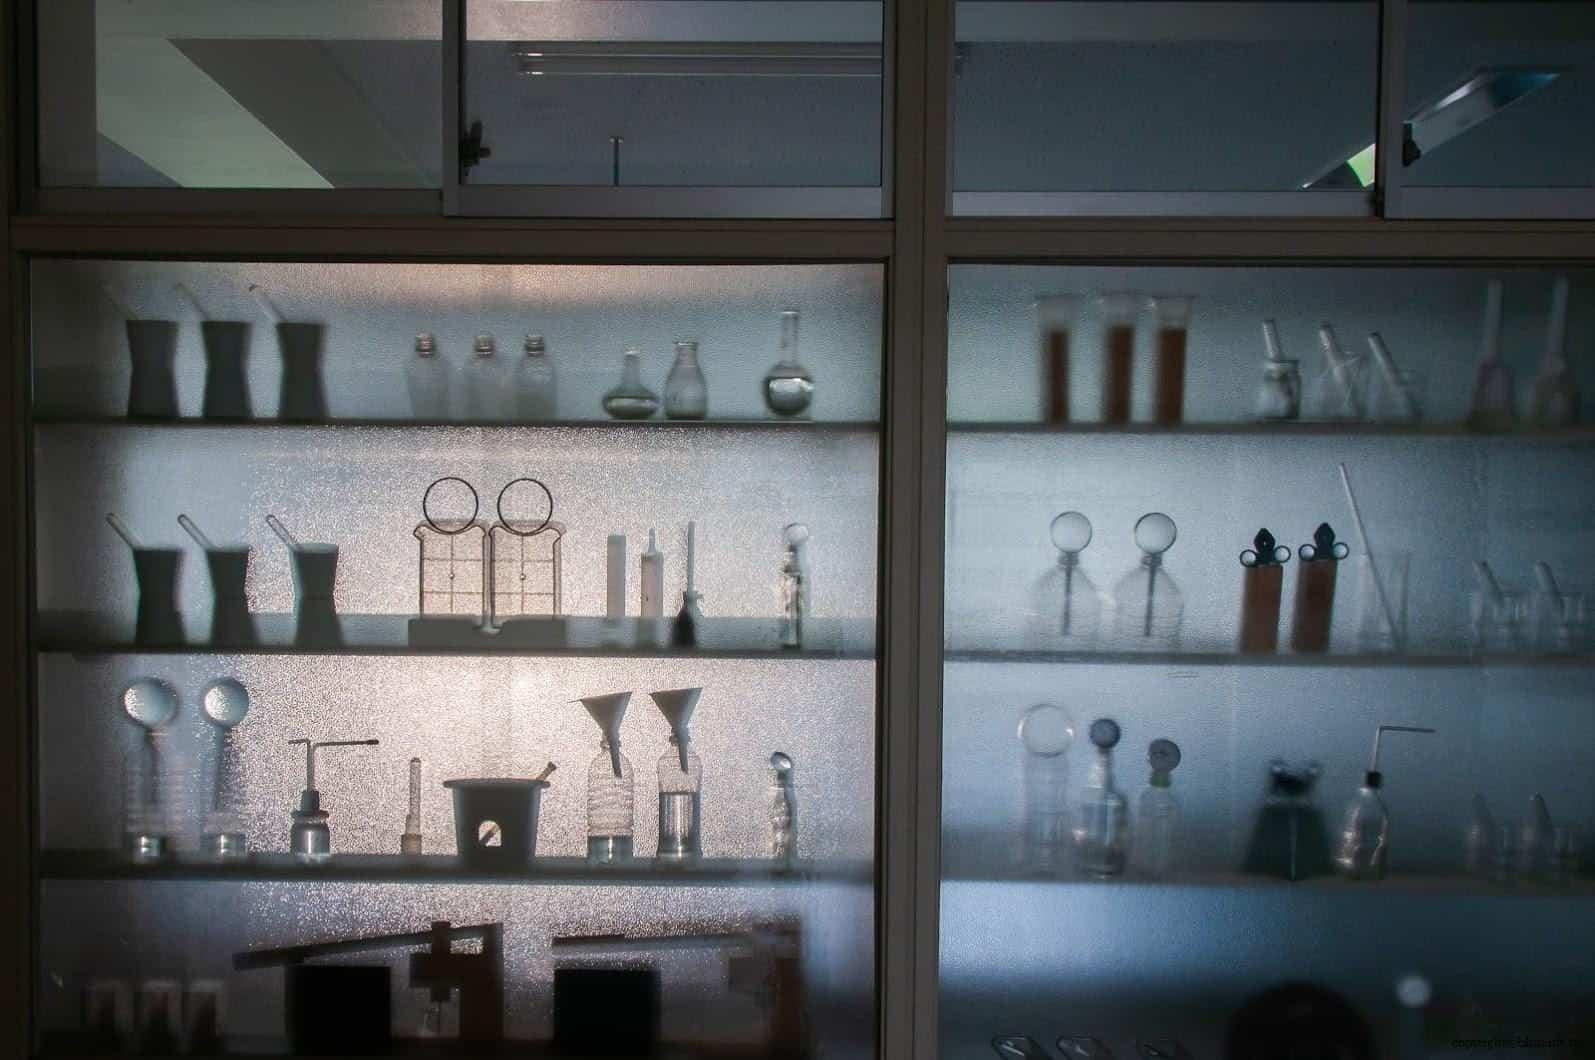 坦雅‧巴達利那,模糊的記憶,在毛玻璃上,透過昏暗的光線,似乎看到了國小科學教室中的實驗器材,回到了那時的回憶中... 模糊的記憶 模糊的記憶/南極雙年展-FRAM號2 stairs to the sky reminiscence vague memory 02 0x0